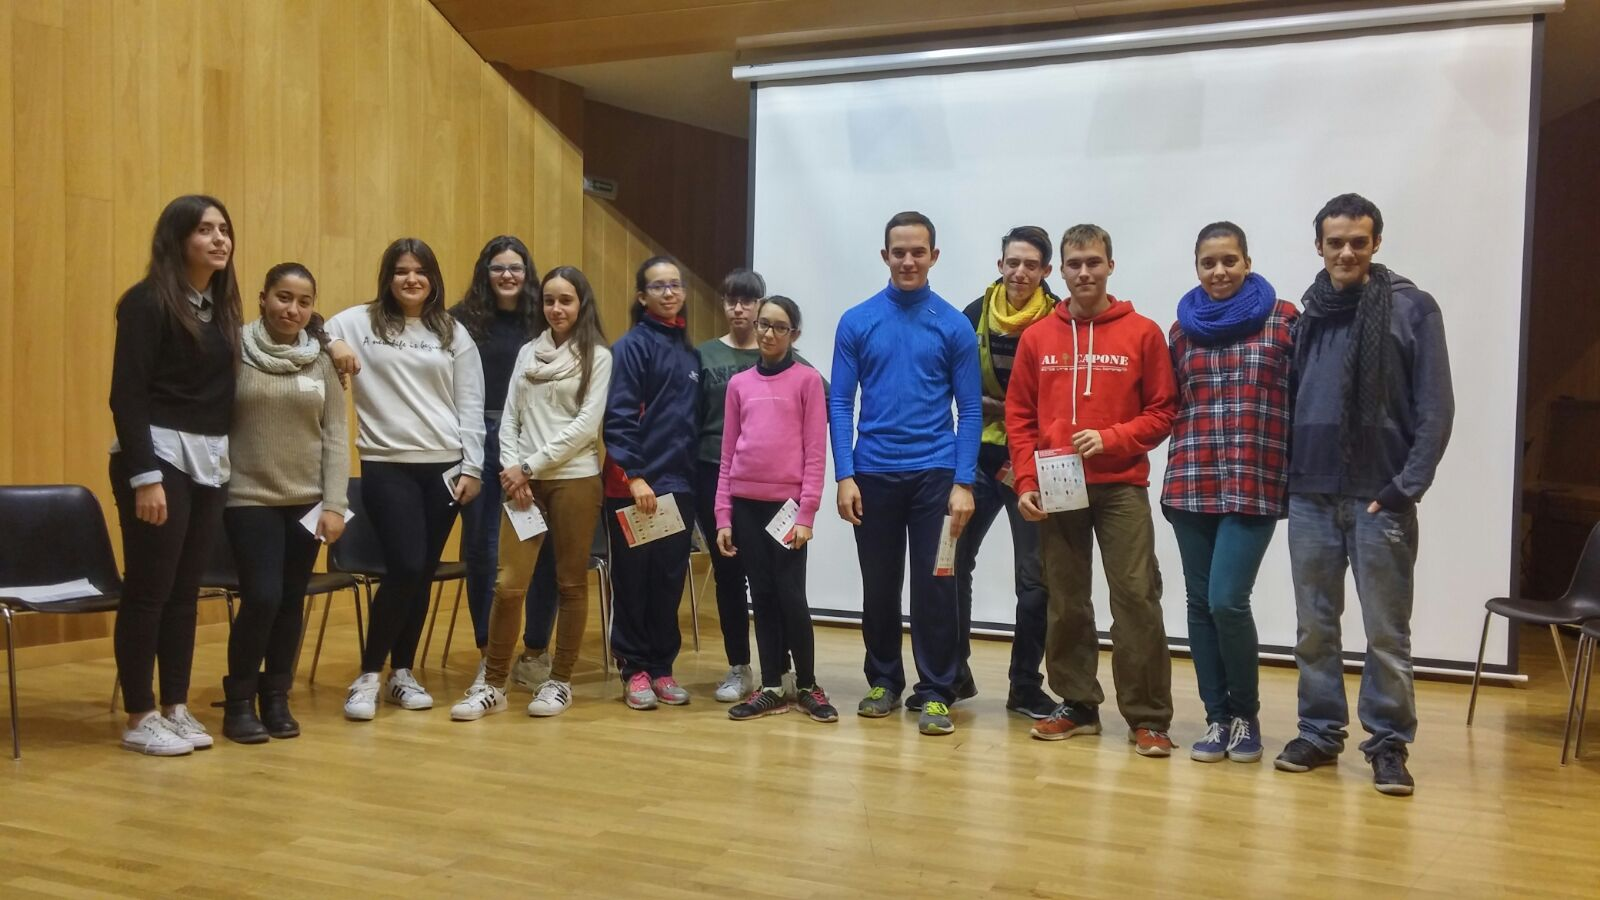 La Casa de Joventut de Vilamarxant presenta l'estudi de participació juvenil del curs 2016-2017